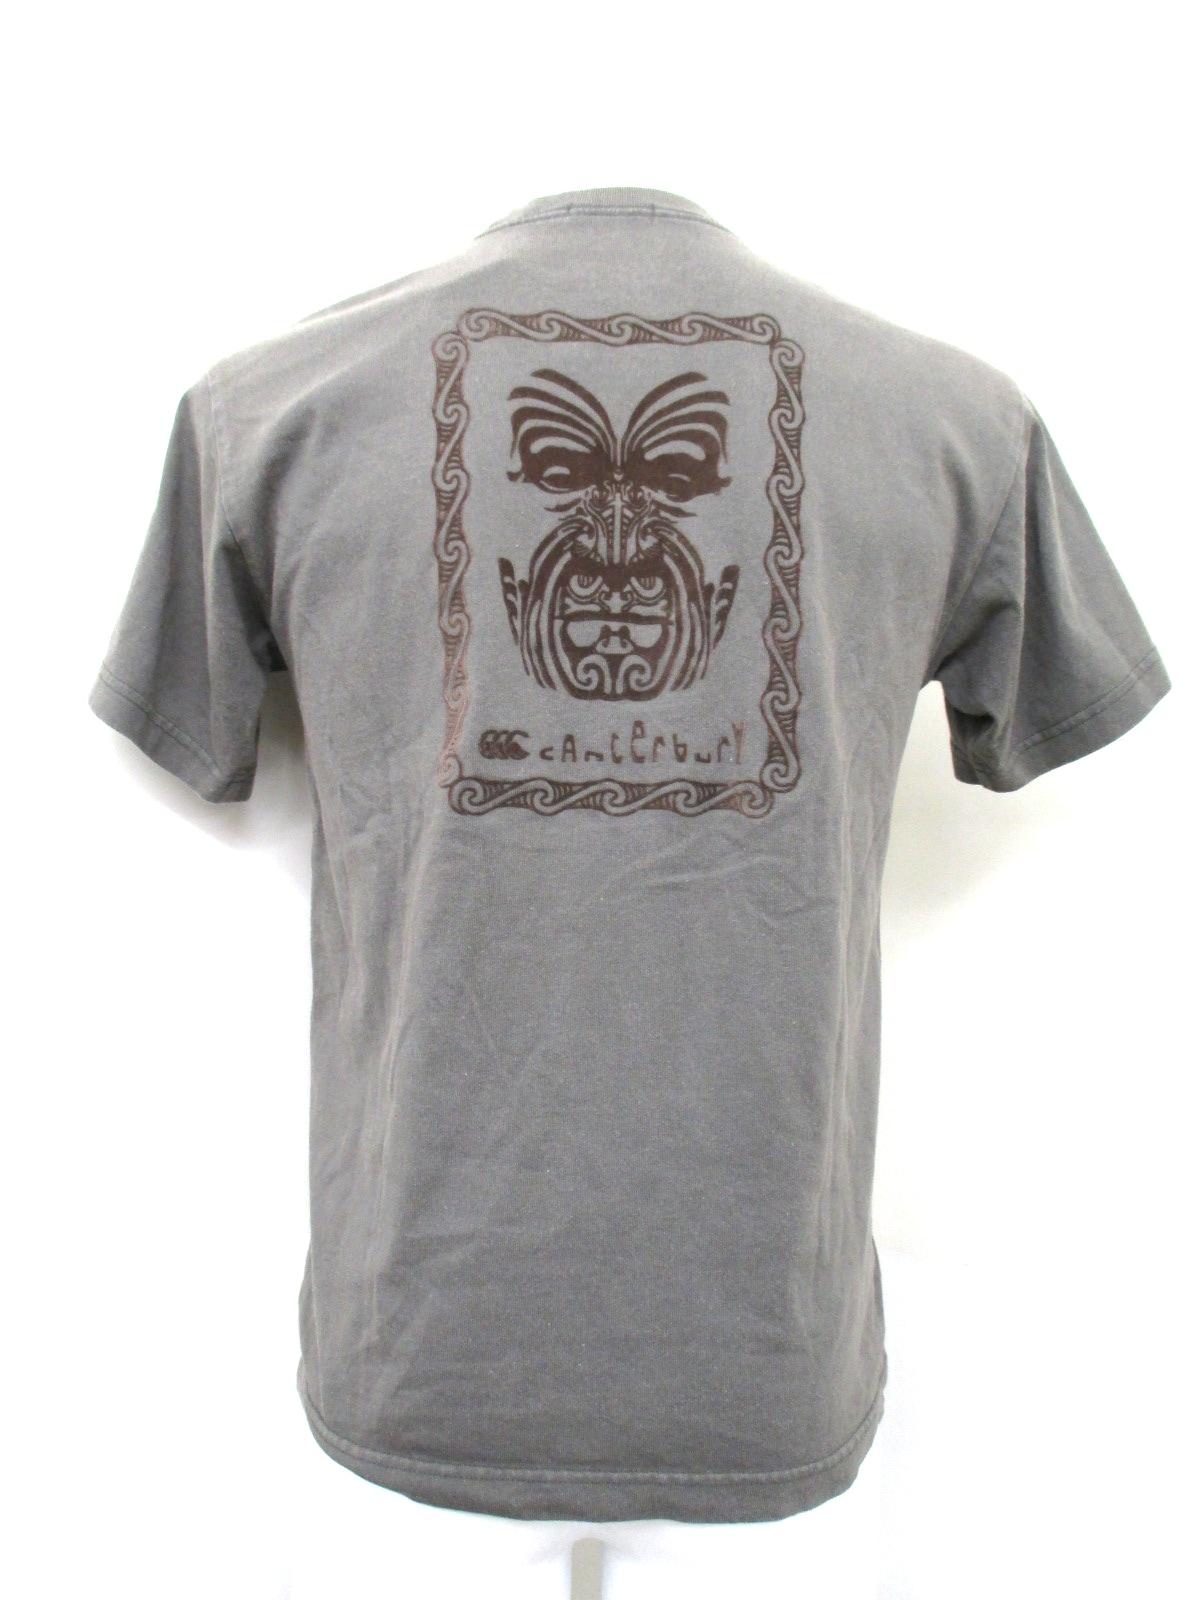 CANTERBURY(カンタベリー)のTシャツ